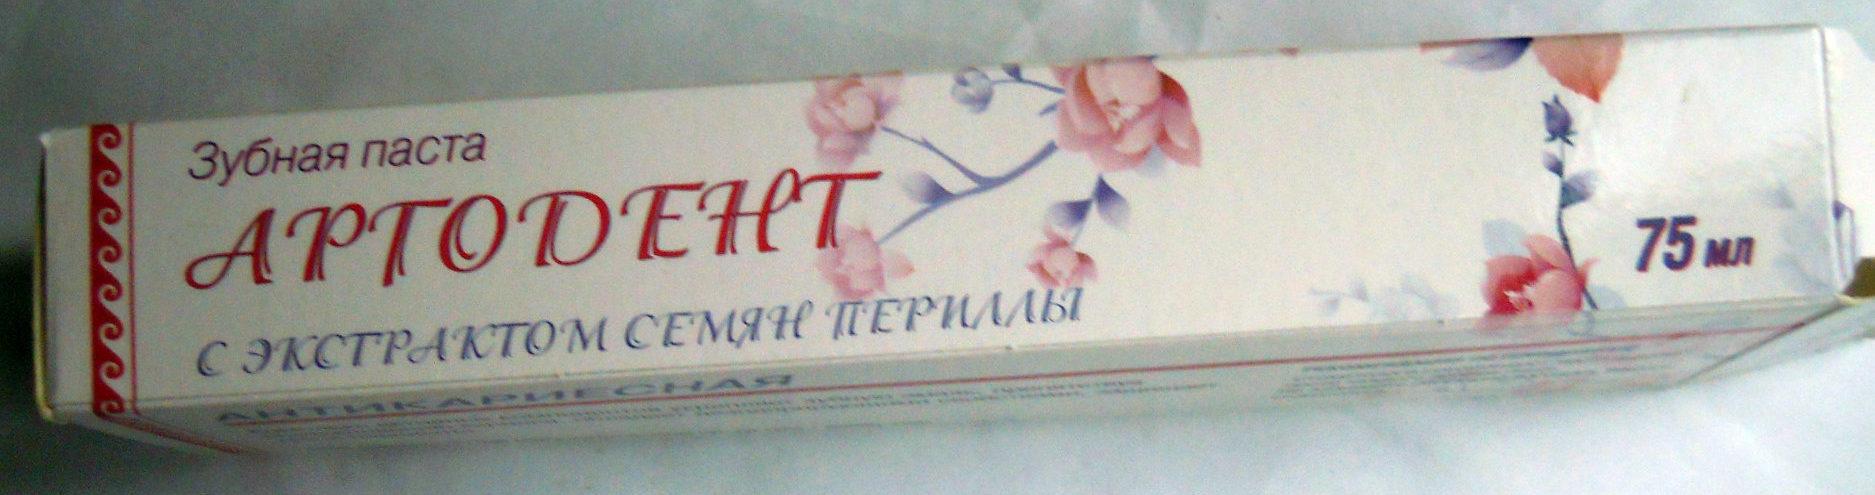 Зубная паста Аргодент с экстрактом семян периллы - Product - ru